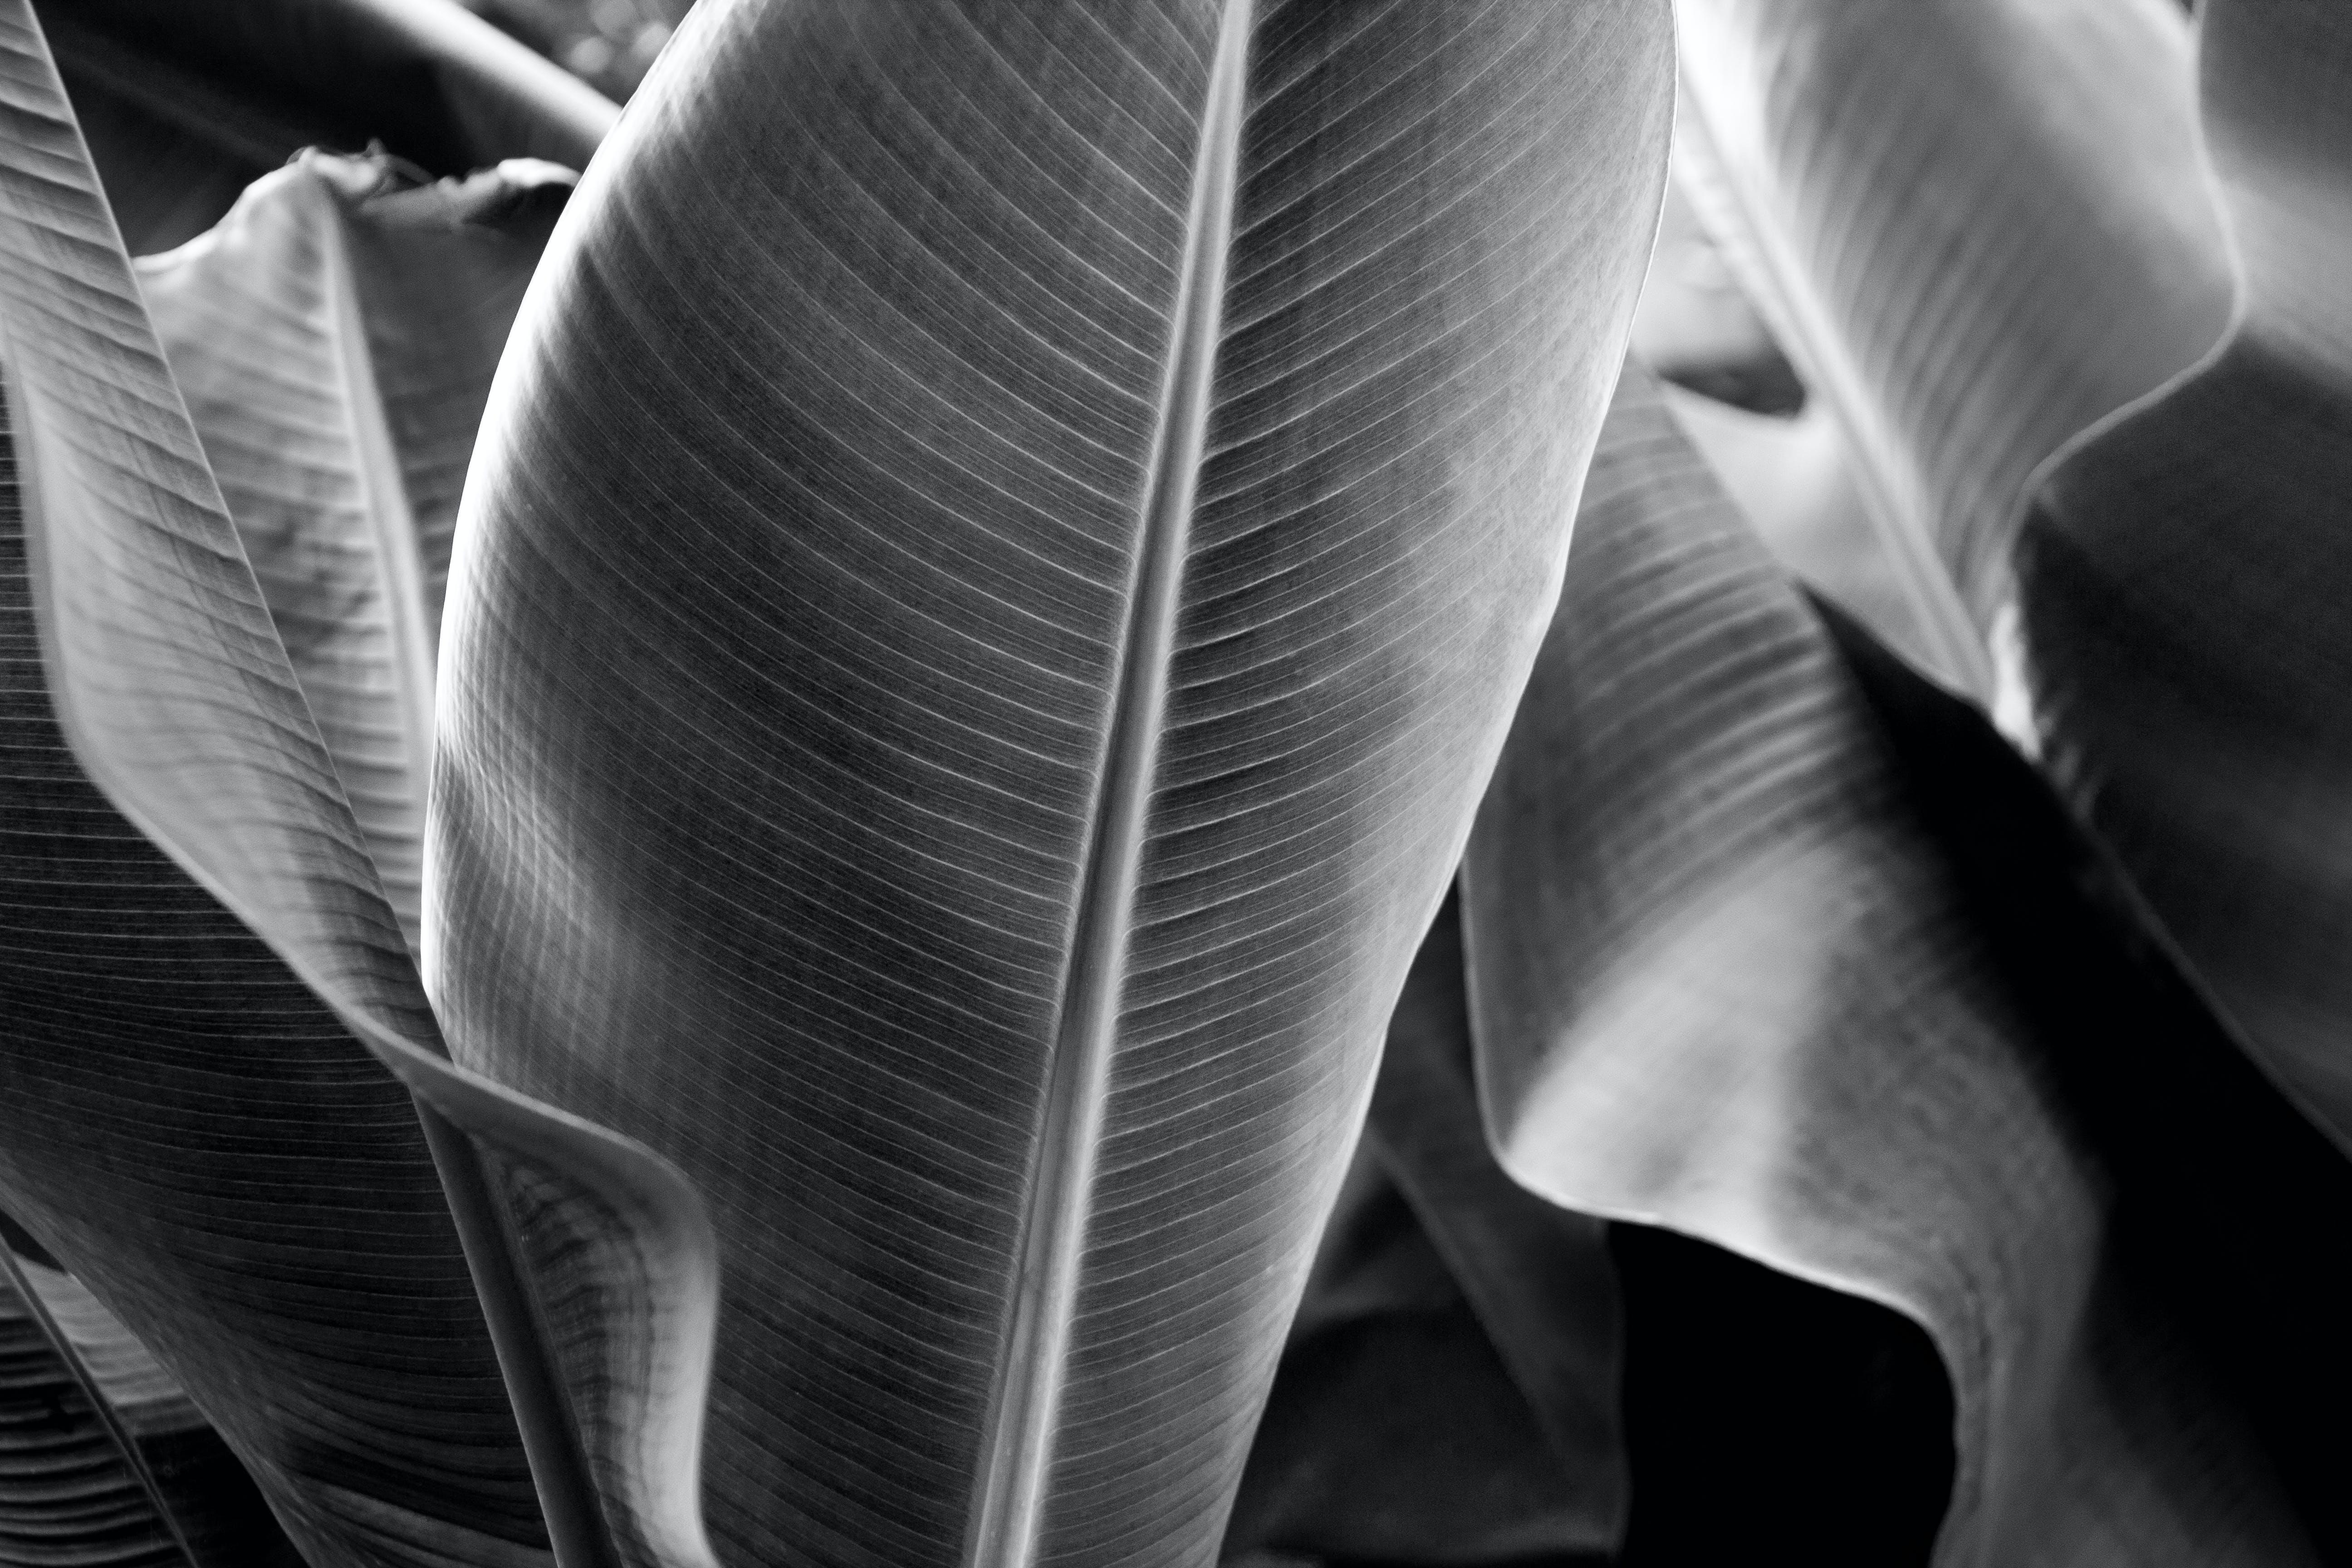 Kostenloses Stock Foto zu bananenblätter, botanisch, farben, nahansicht